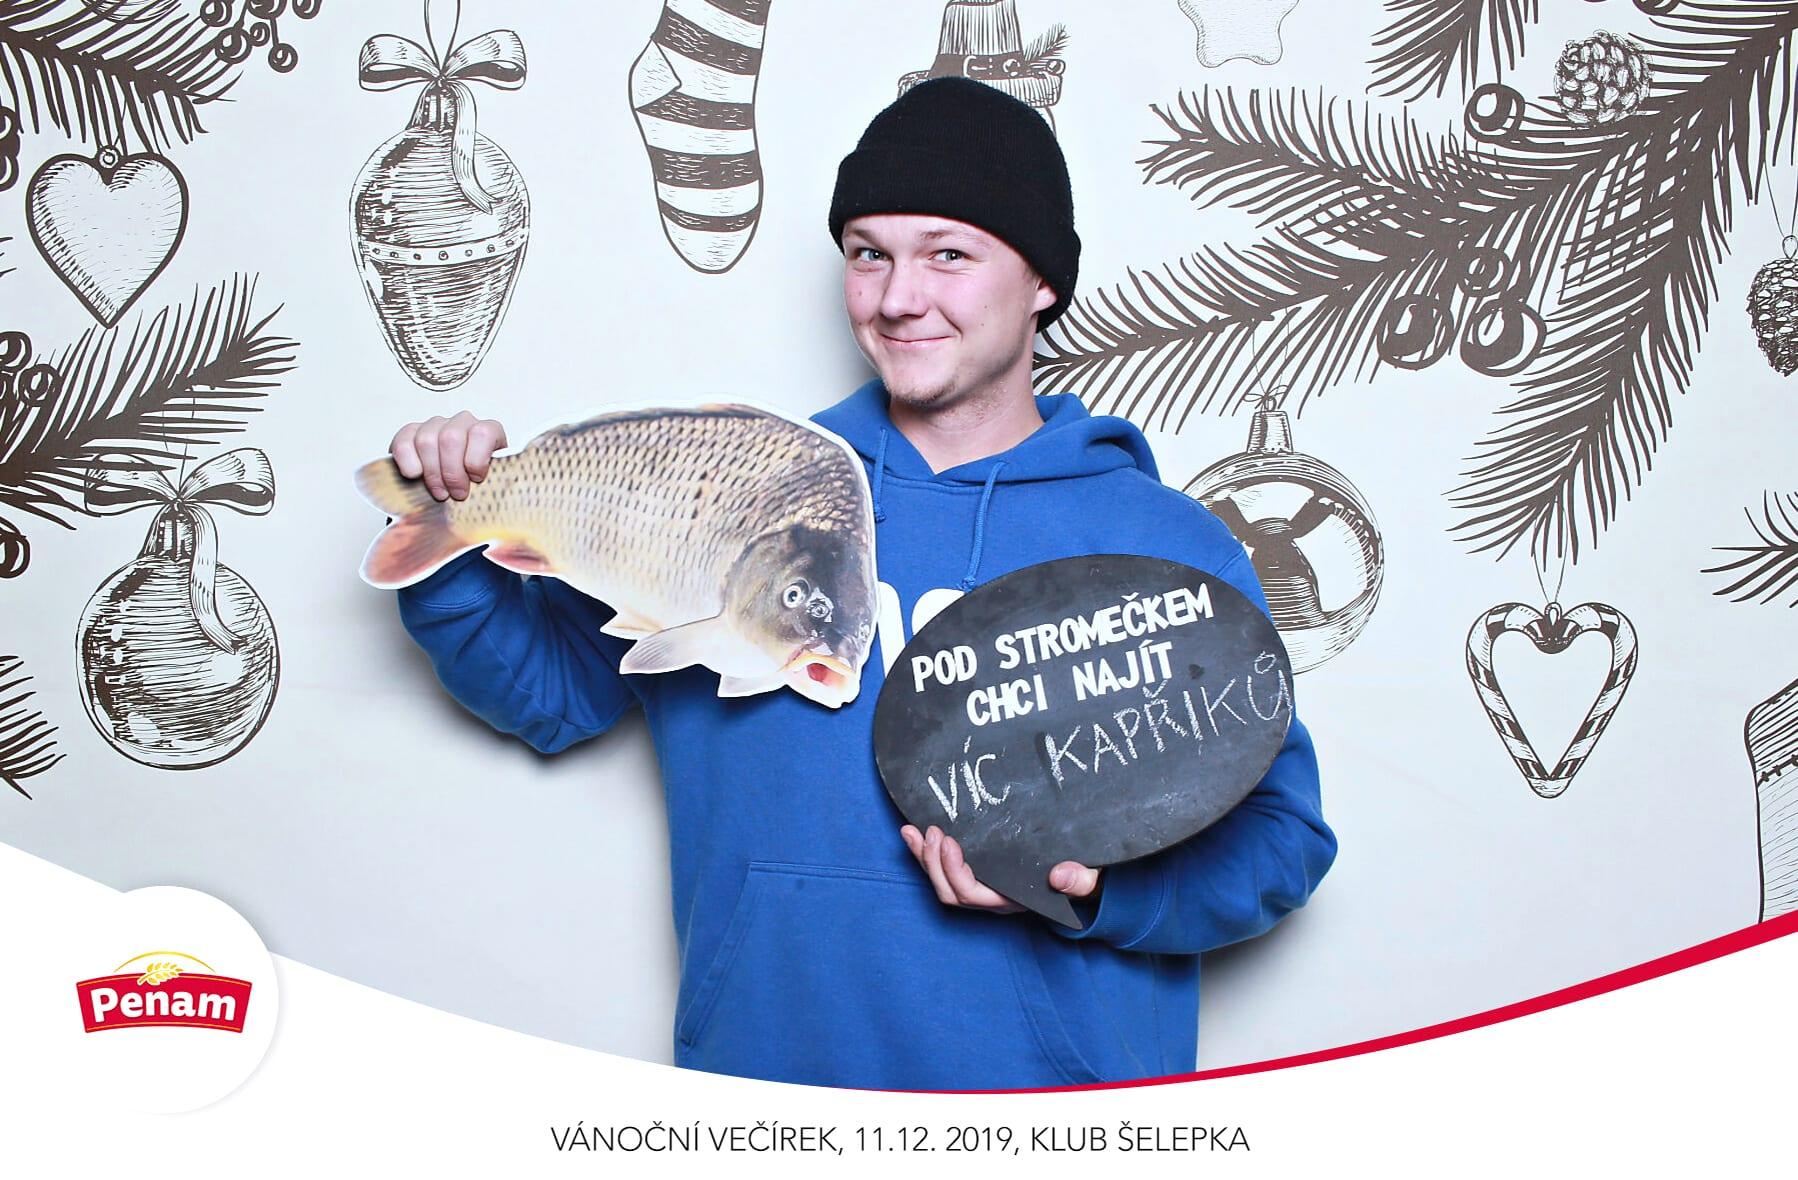 fotokoutek-brno-firemni-vecirek-vanocni-vecirek-penam-11-12-2019-686616